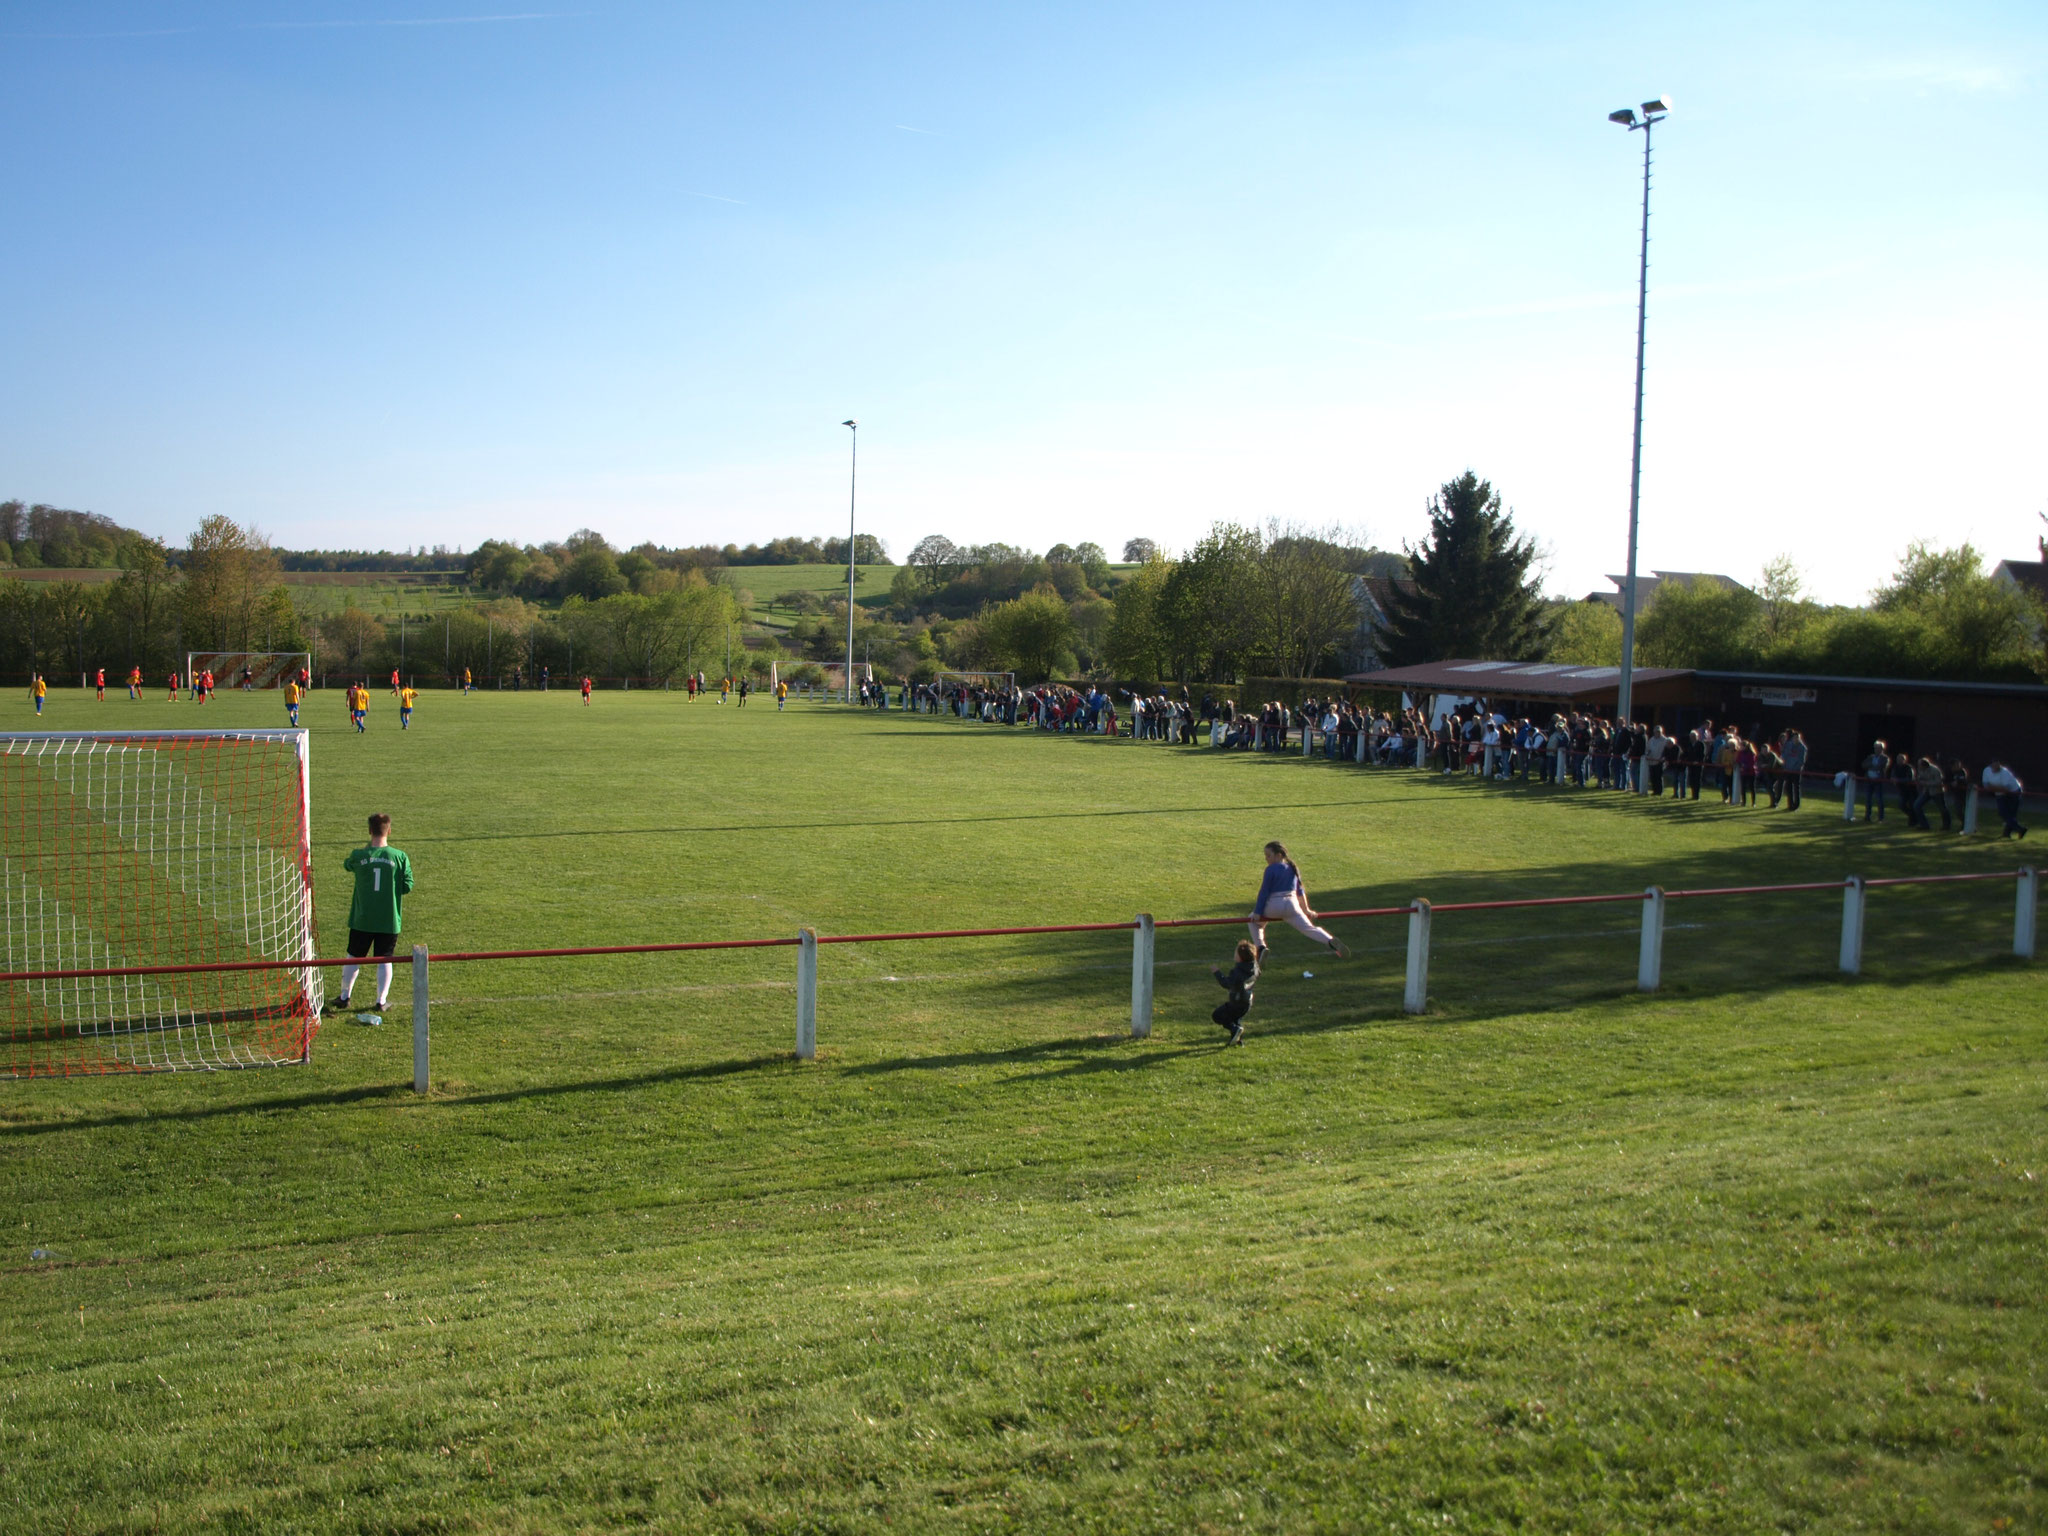 gut besuchte Fußballspiele